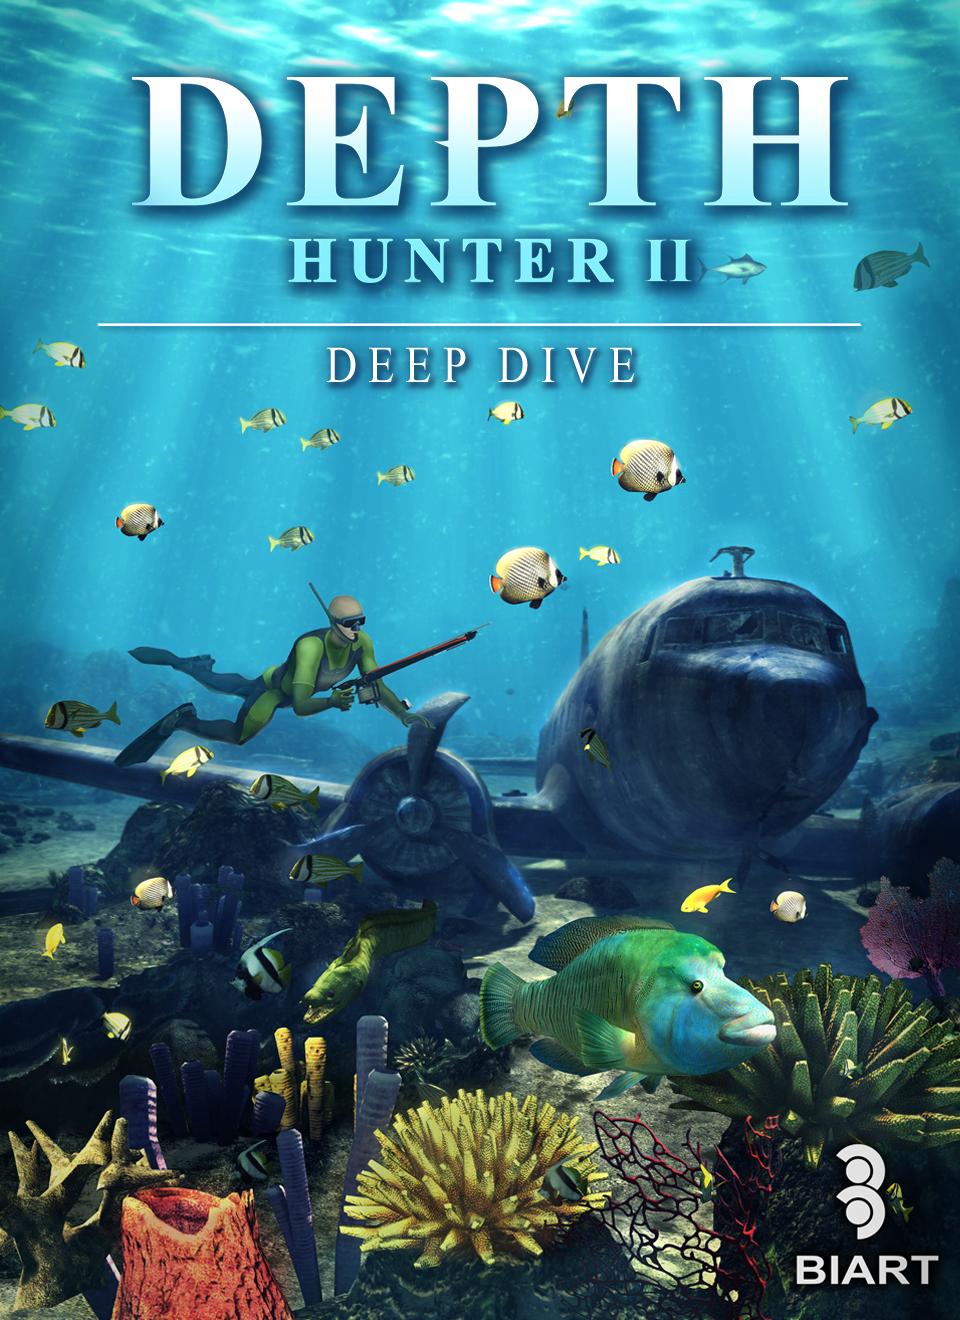 Depth Hunter Free Download - Ocean of Games